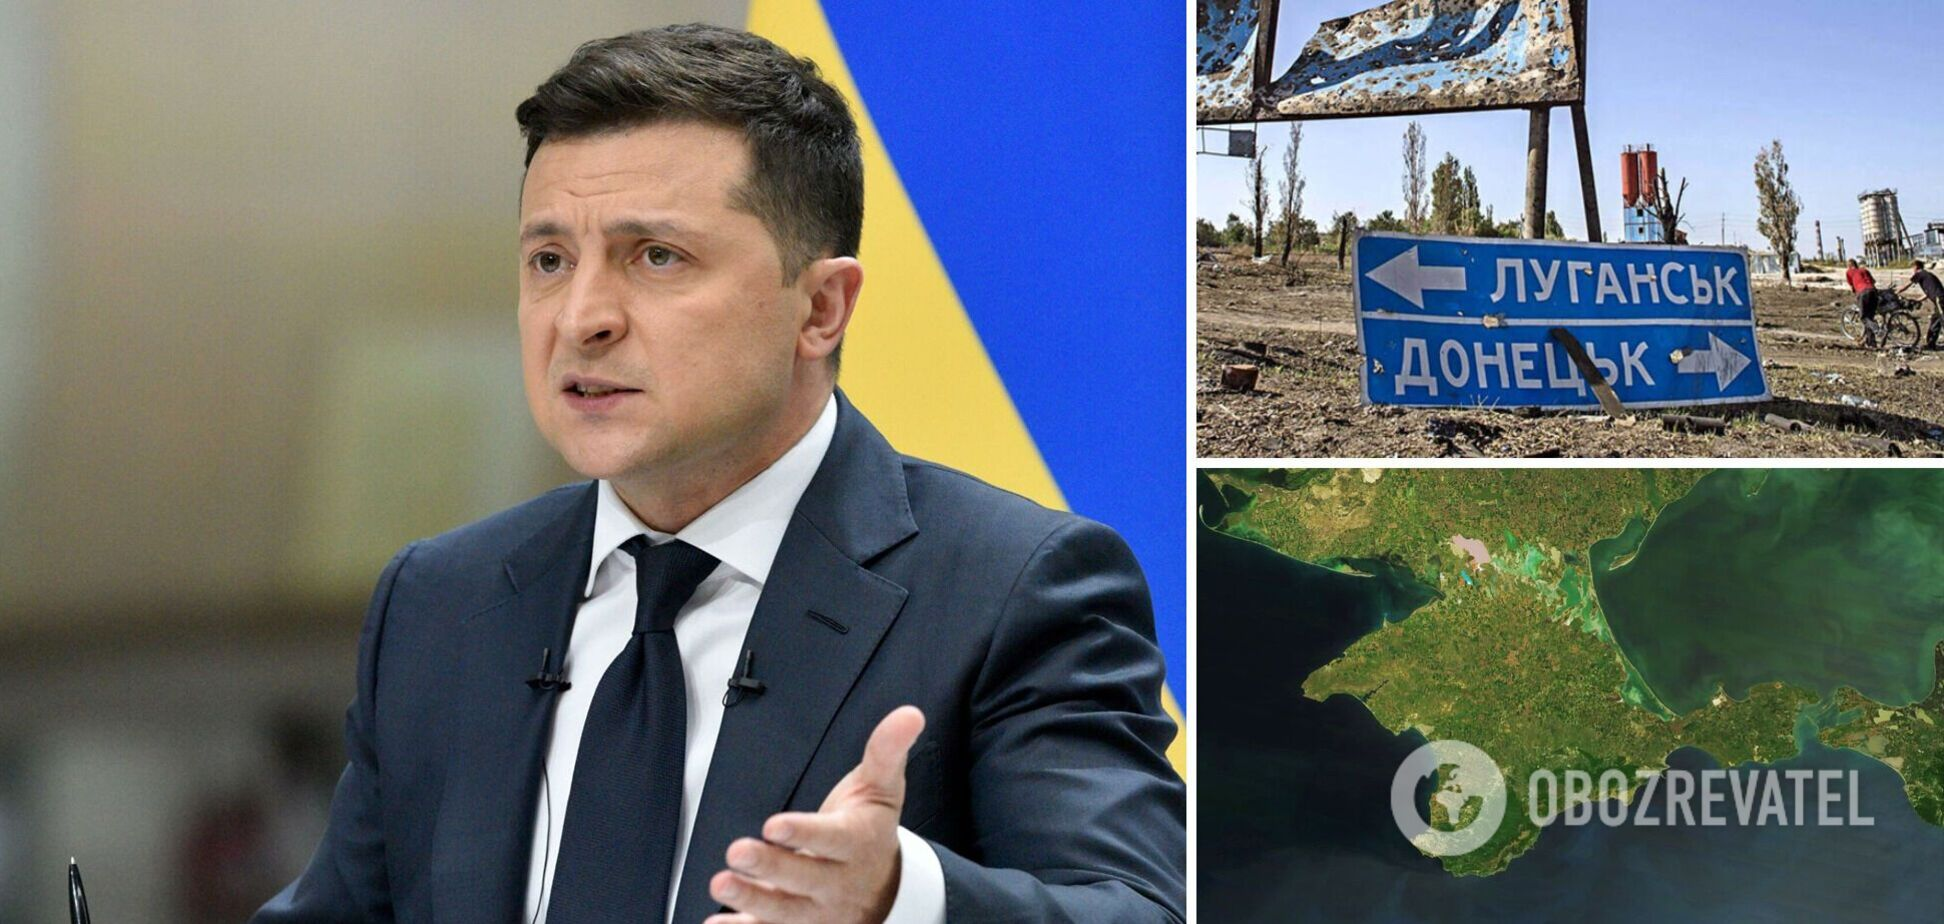 Крым и Донбасс вернутся домой: главное из интервью Зеленского телеканалу 'Дом'. Видео